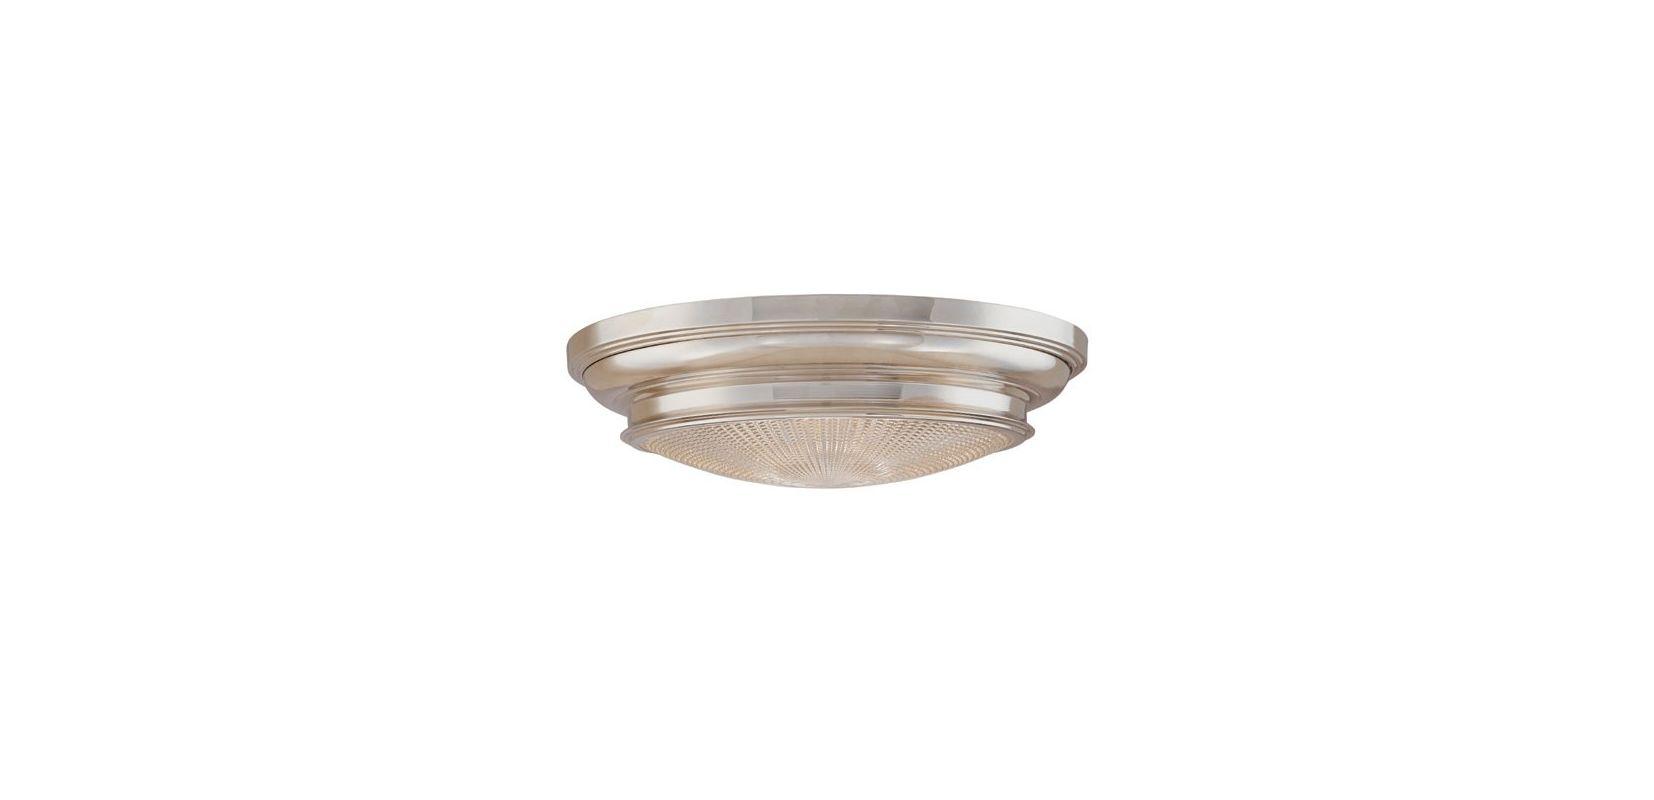 Hudson Valley Lighting 7520 Woodstock 3 Light Flush Mount Ceiling Sale $344.00 ITEM#: 982822 MODEL# :7520-SN UPC#: 806134055783 :